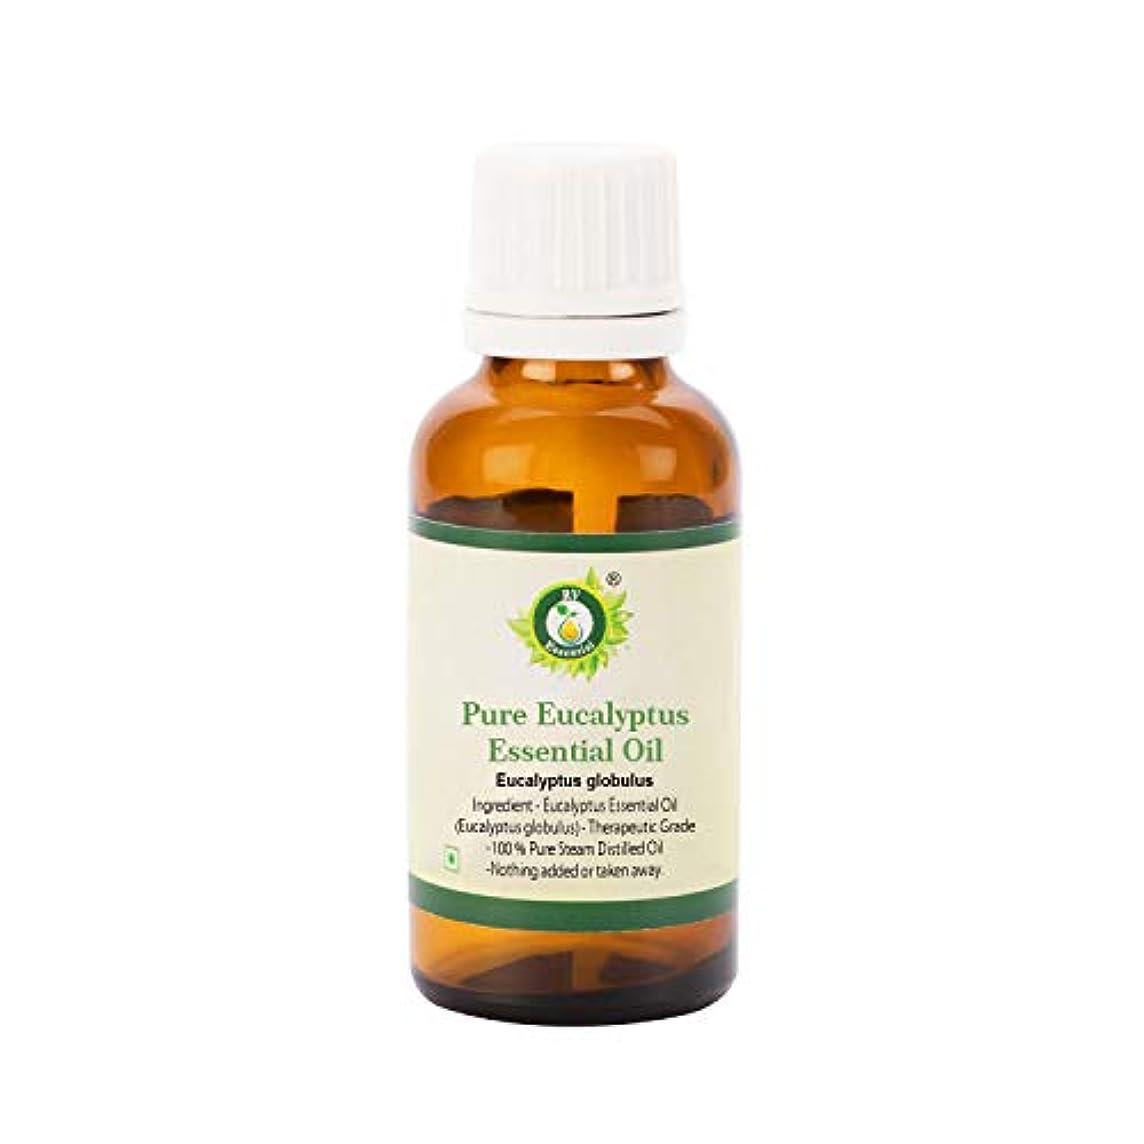 管理漂流改革R V Essential ピュアユーカリエッセンシャルオイル100ml (3.38oz)- Eucalyptus globulus (100%純粋&天然スチームDistilled) Pure Eucalyptus Essential...